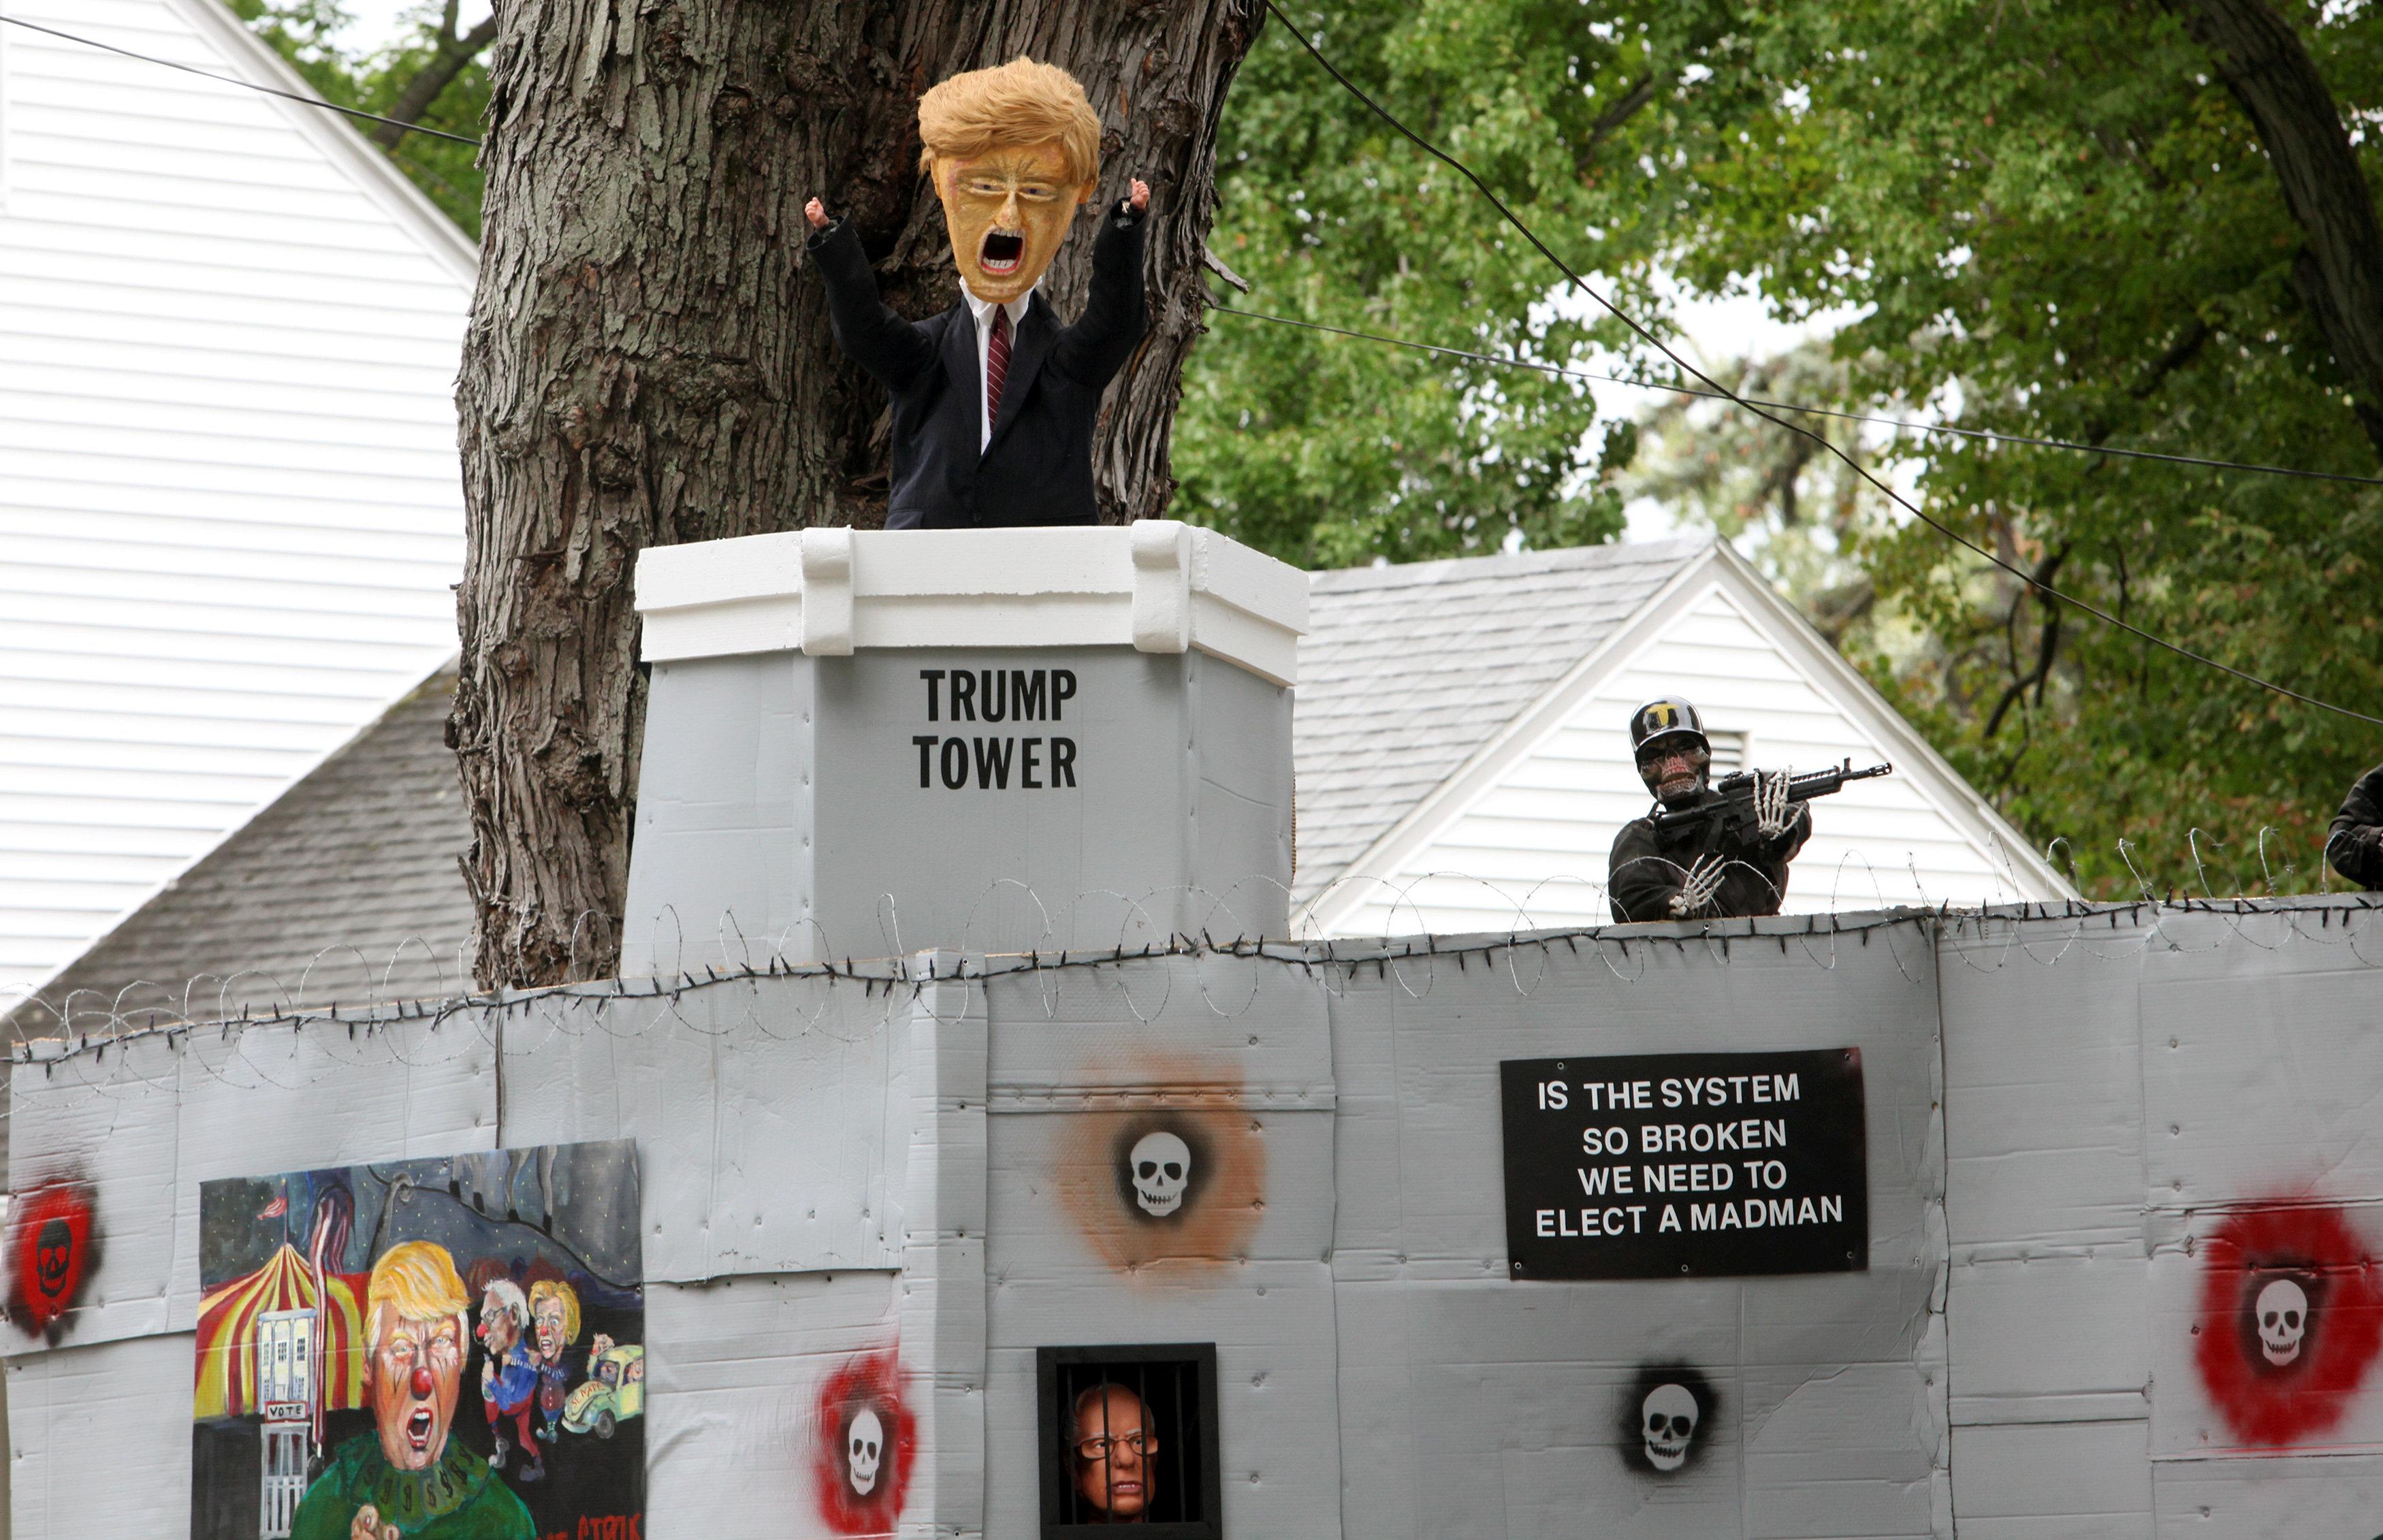 (Picture: Reuters/Michelle McLoughlin)